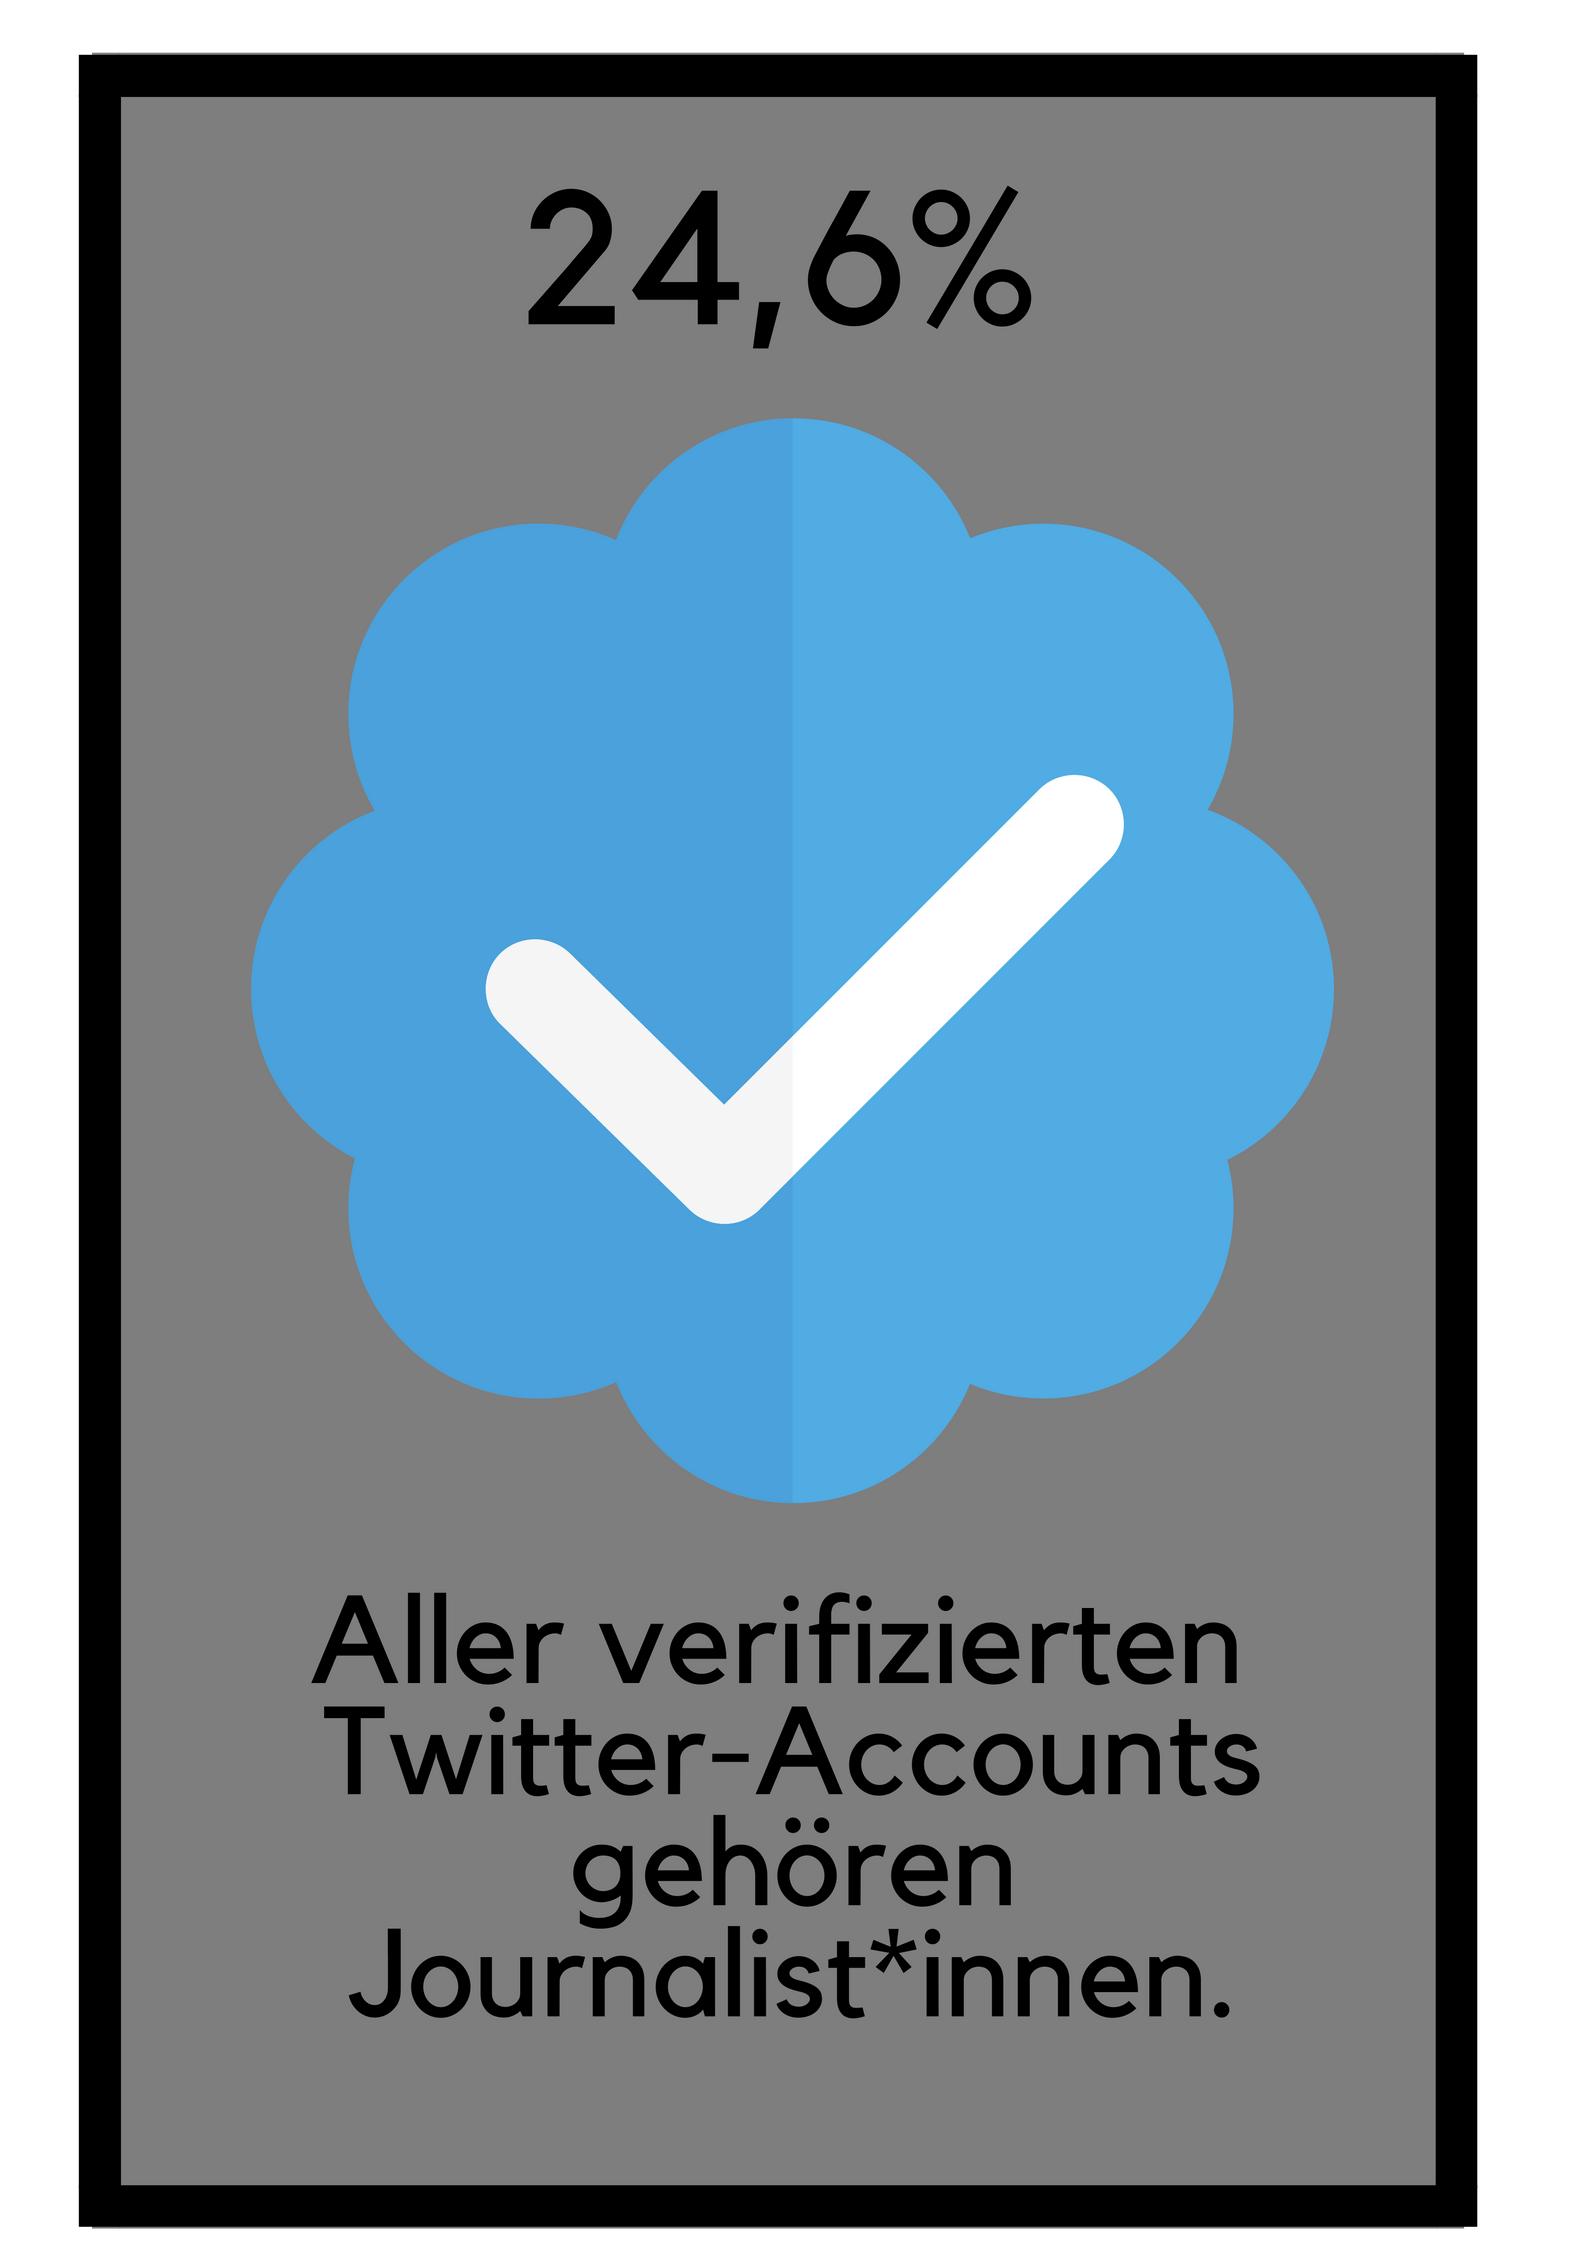 Es gibt sehr wenige Wissenschaftler auf Twitter. Viel größer vertreten sind Journalisten. 24,6% der verifizierten Accounts gehören Journalist*innen.